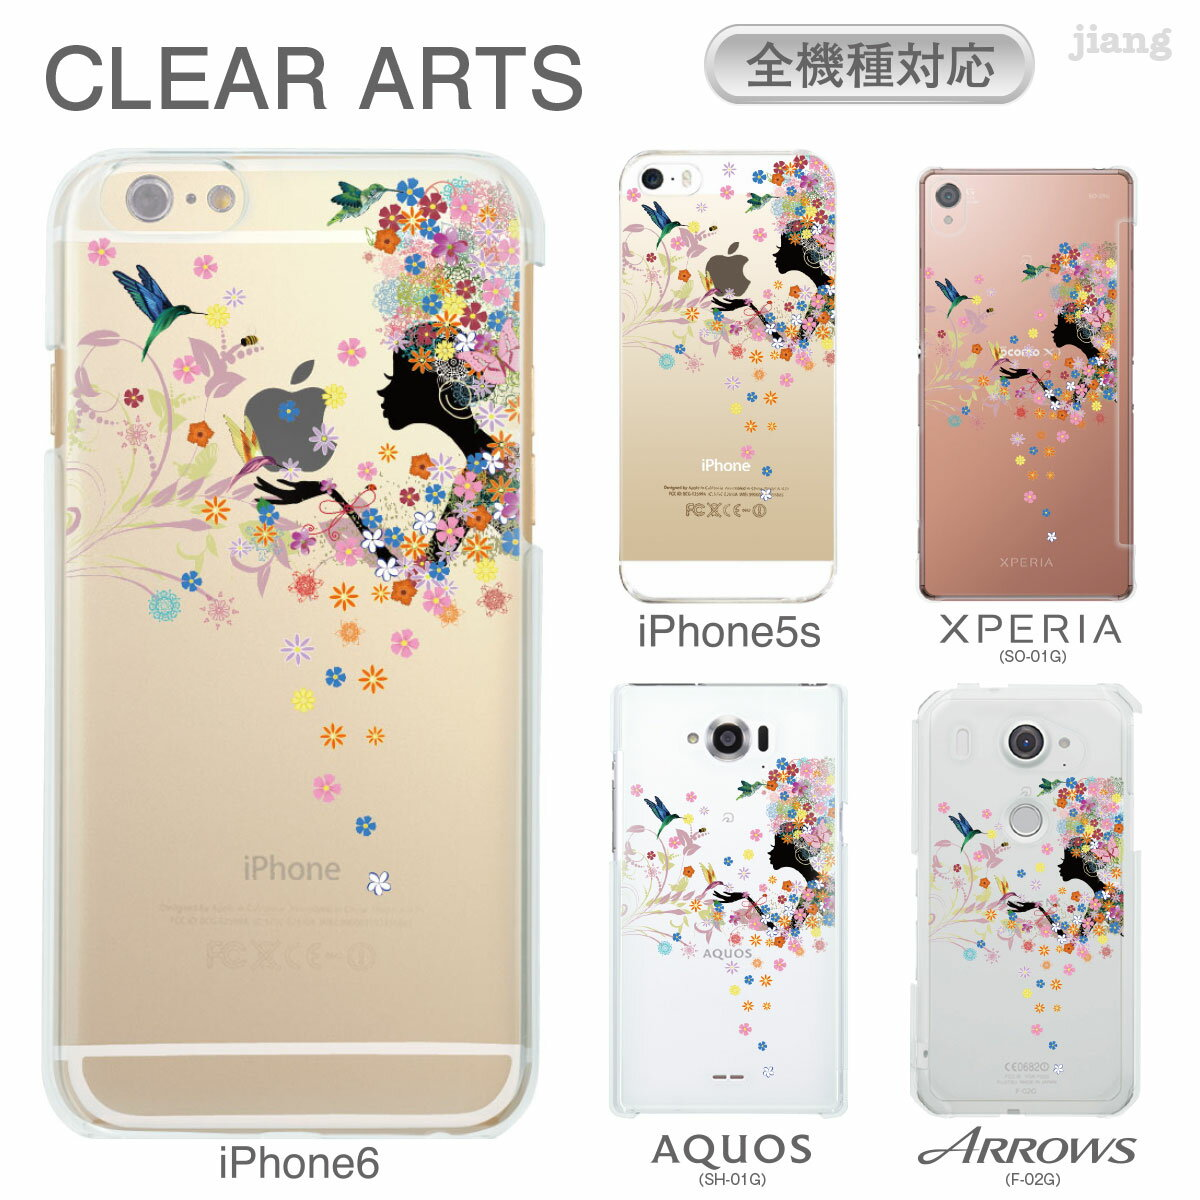 スマホケース 全機種対応 ケース カバー ハードケース クリアケースiPhoneX iPhone8 iPhone7s Plus iPhone7 iPhone6s iPhone6 Plus iPhone SE 5s Xperia XZ1 SO-01K SO-02K XZ so-04j XZs so-03j aquos R SH-01K SHV41 フラワーガール 01-zen-ca0244